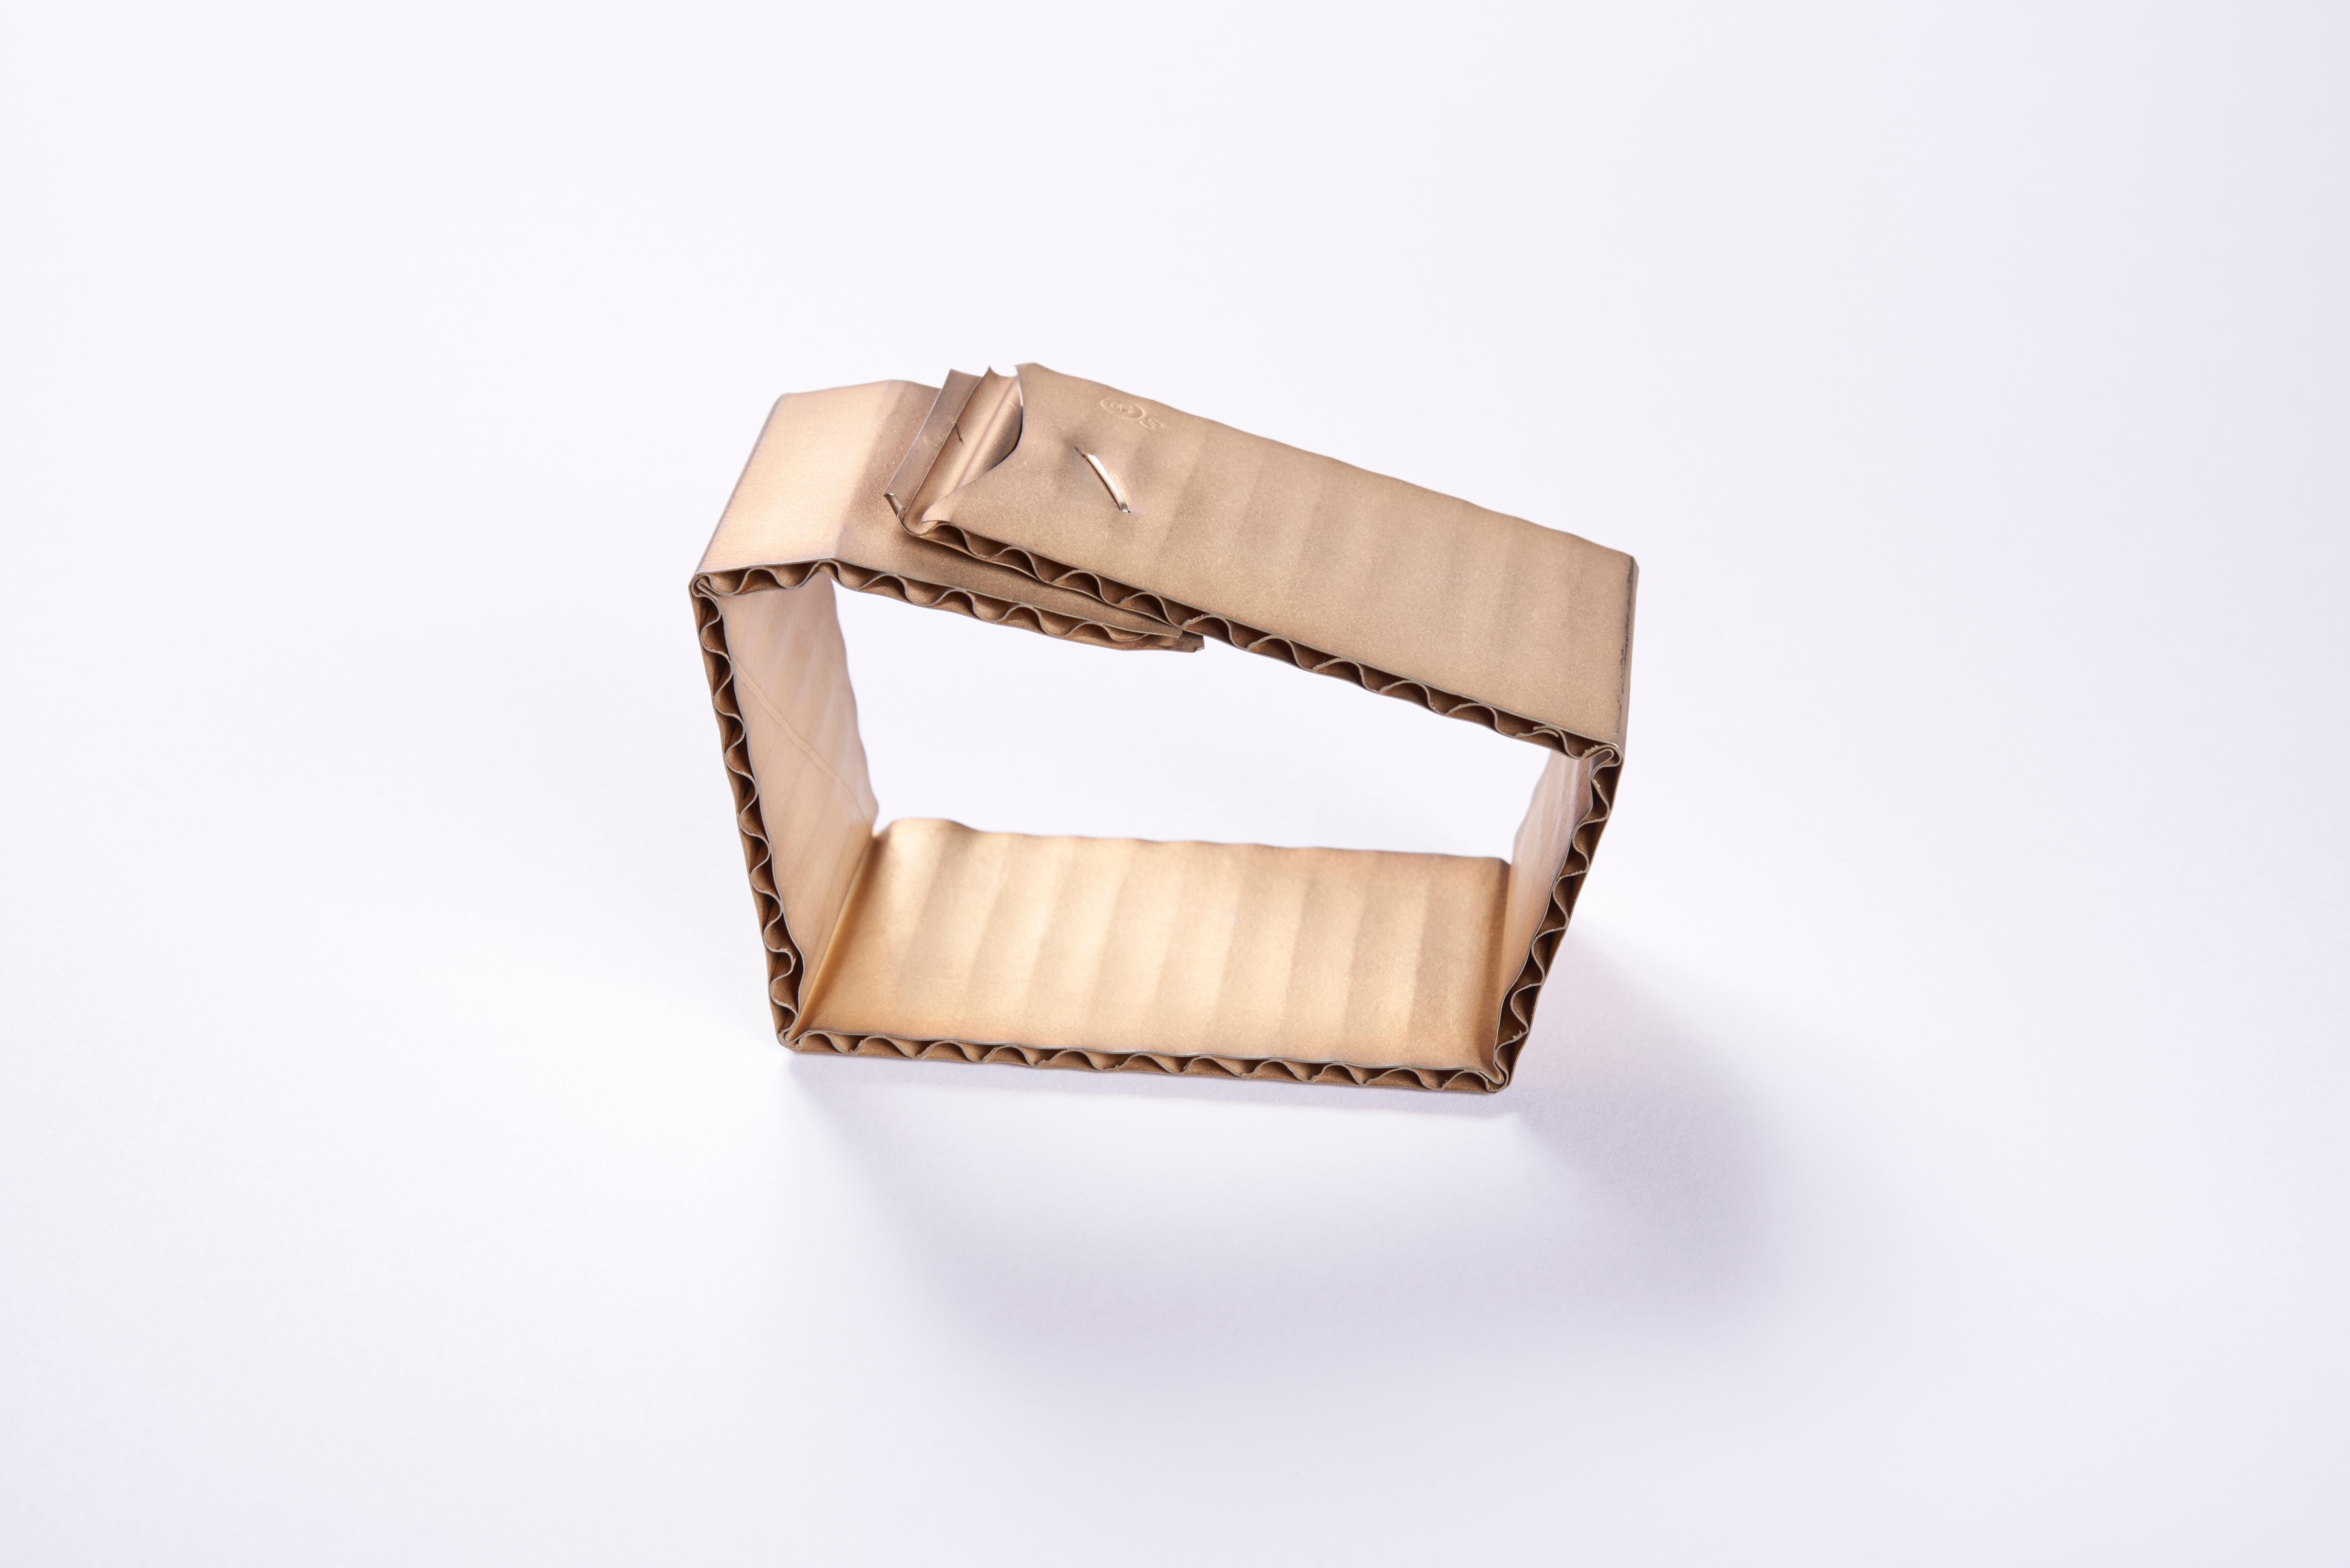 David Bielander, armband 1 uit de serie Wellpape, 2015, collectie CODA Aperldoorn.